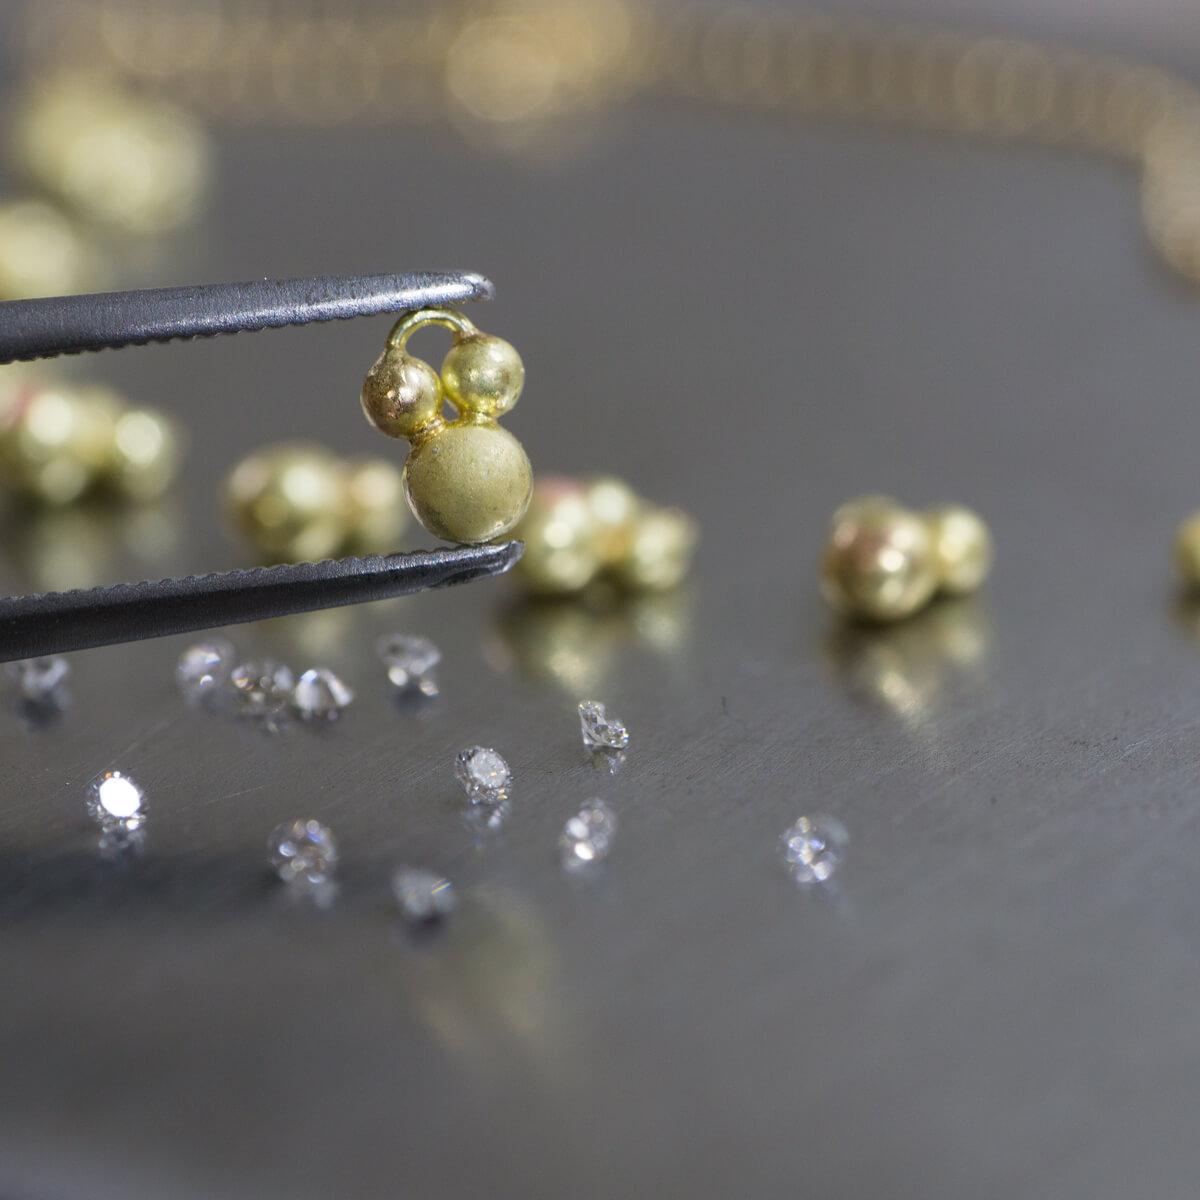 オーダーメイドジュエリーの制作過程 ジュエリーのアトリエ ゴールド、ダイヤモンド 屋久島雨のしずくブレスレット 屋久島でつくる結婚指輪